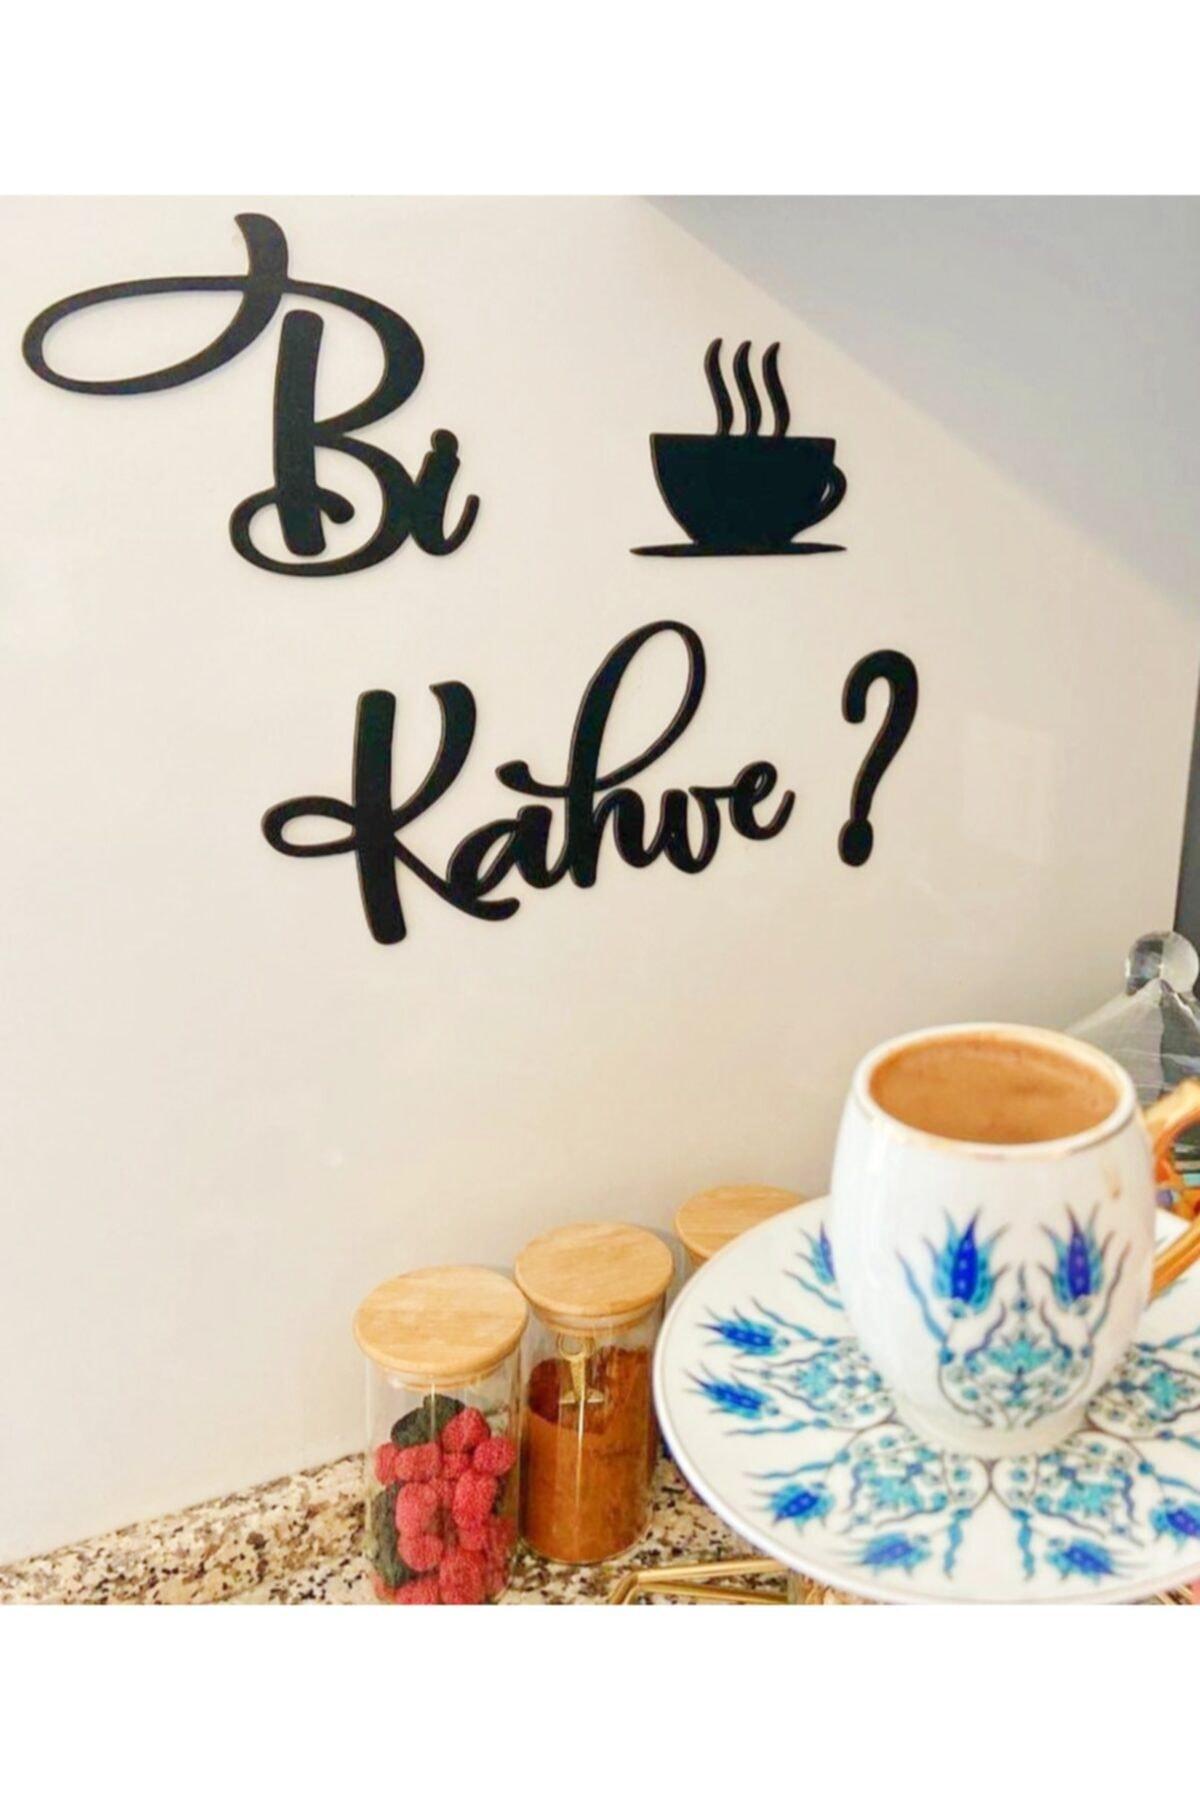 Kaya Hediyelik Dekoratif Bi Kahve 1